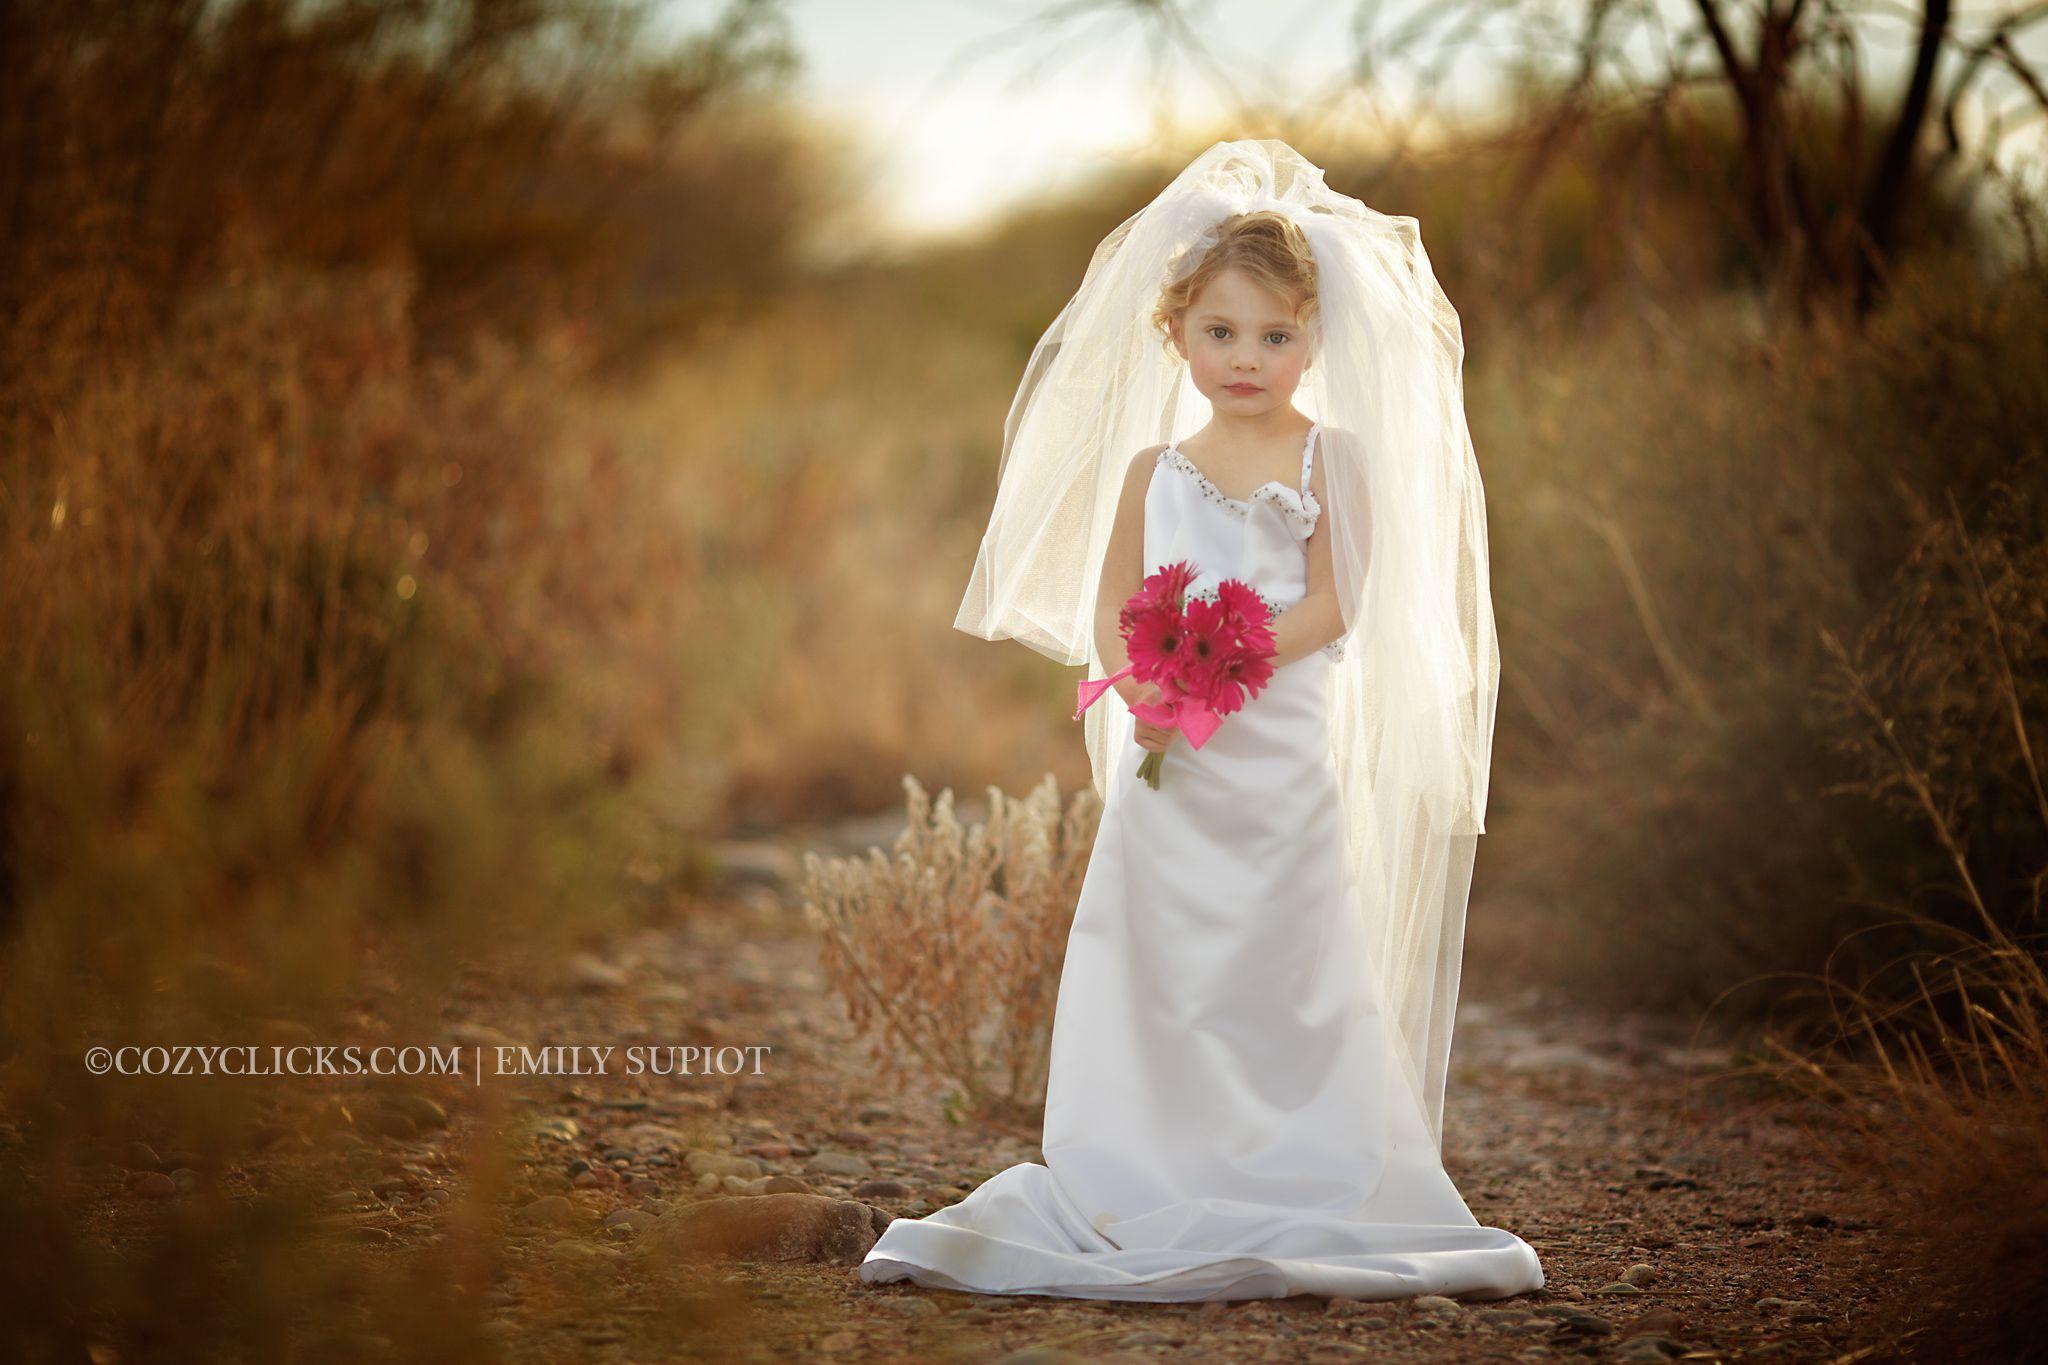 wedding dresses for girls Little girl in moms wedding dress photo Phoneix children and family photographer Wedding dress